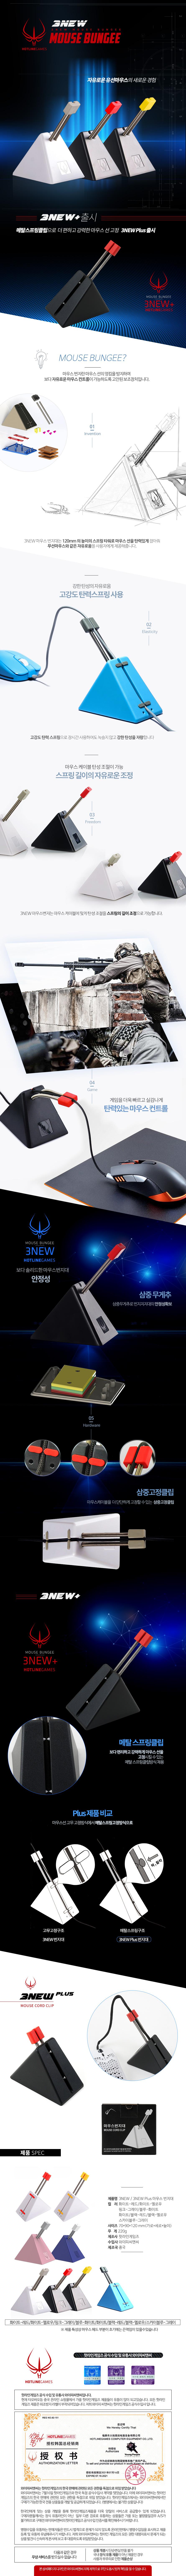 핫라인게임즈 3NEW 마우스번지대 (블랙, 레드)